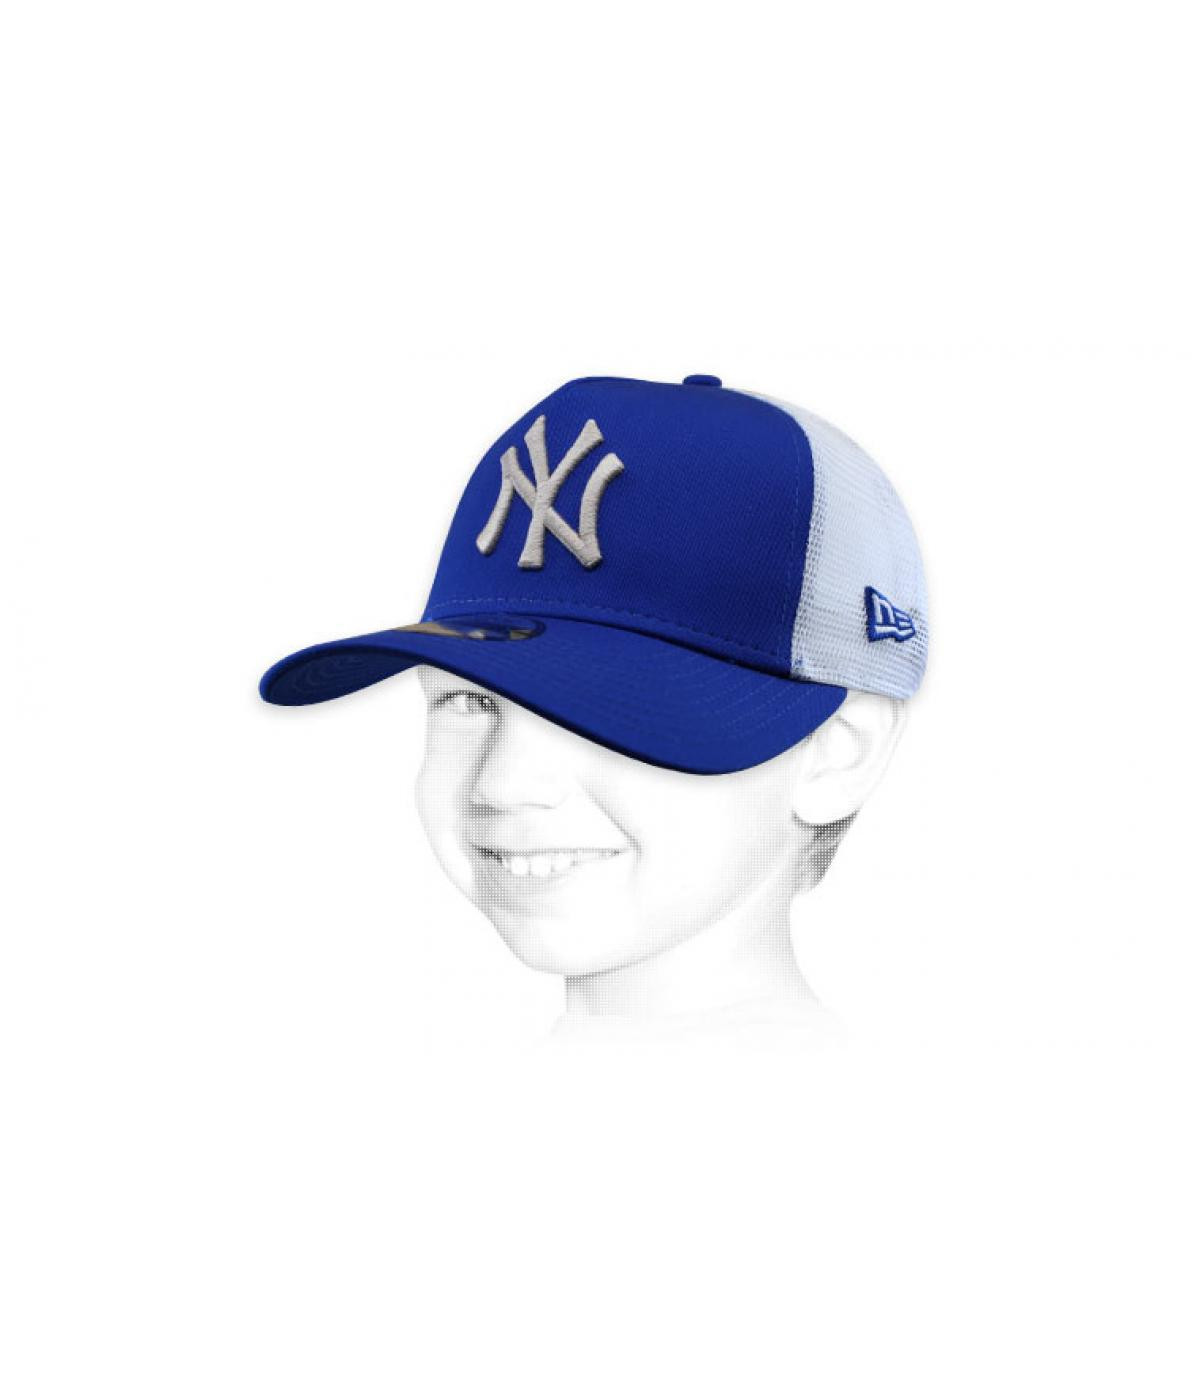 trucker enfant NY bleu